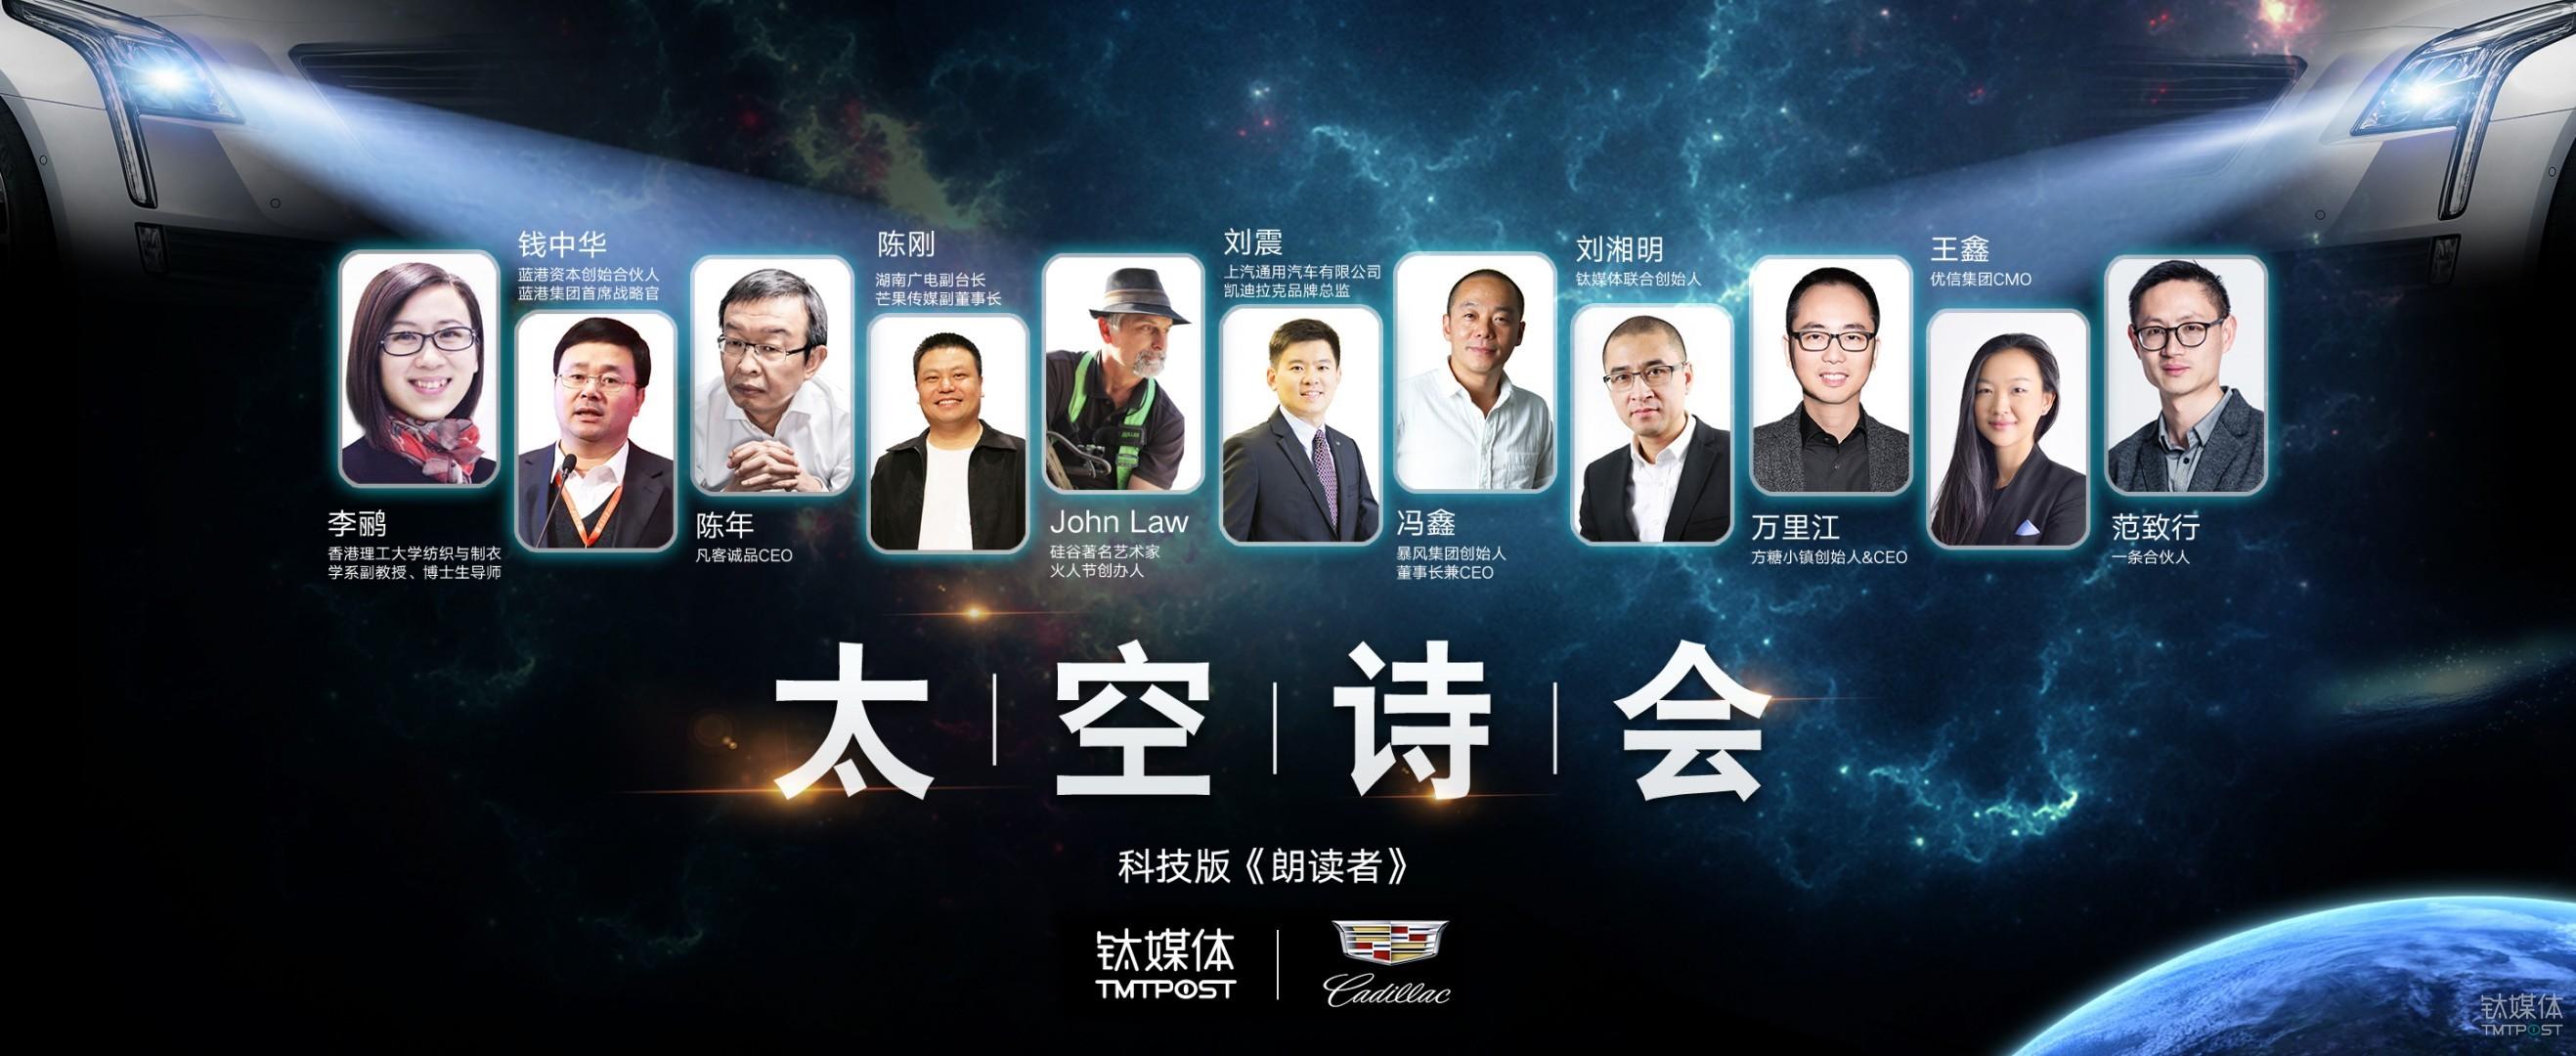 """11位科技和艺术界领袖在当晚成为""""太空诗人"""""""